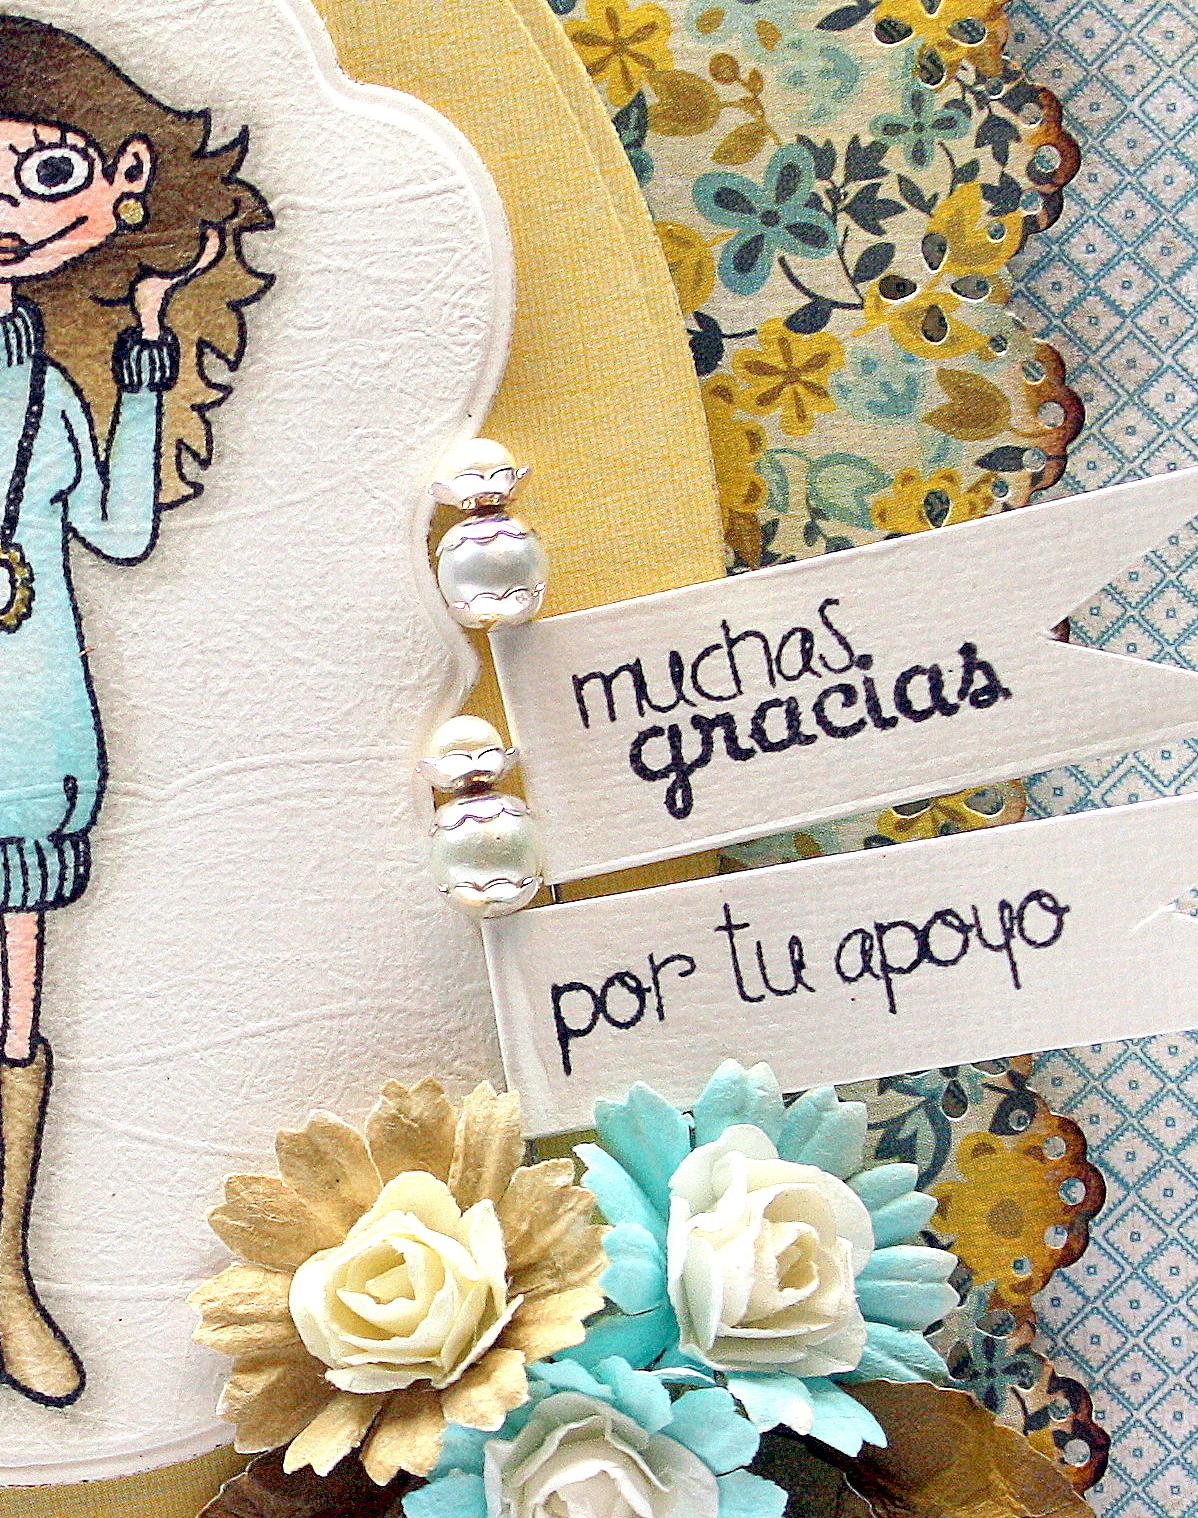 http://www.tarjetaszea.com/tarjeta-de-animo-tienes-todo-mi-apoyo